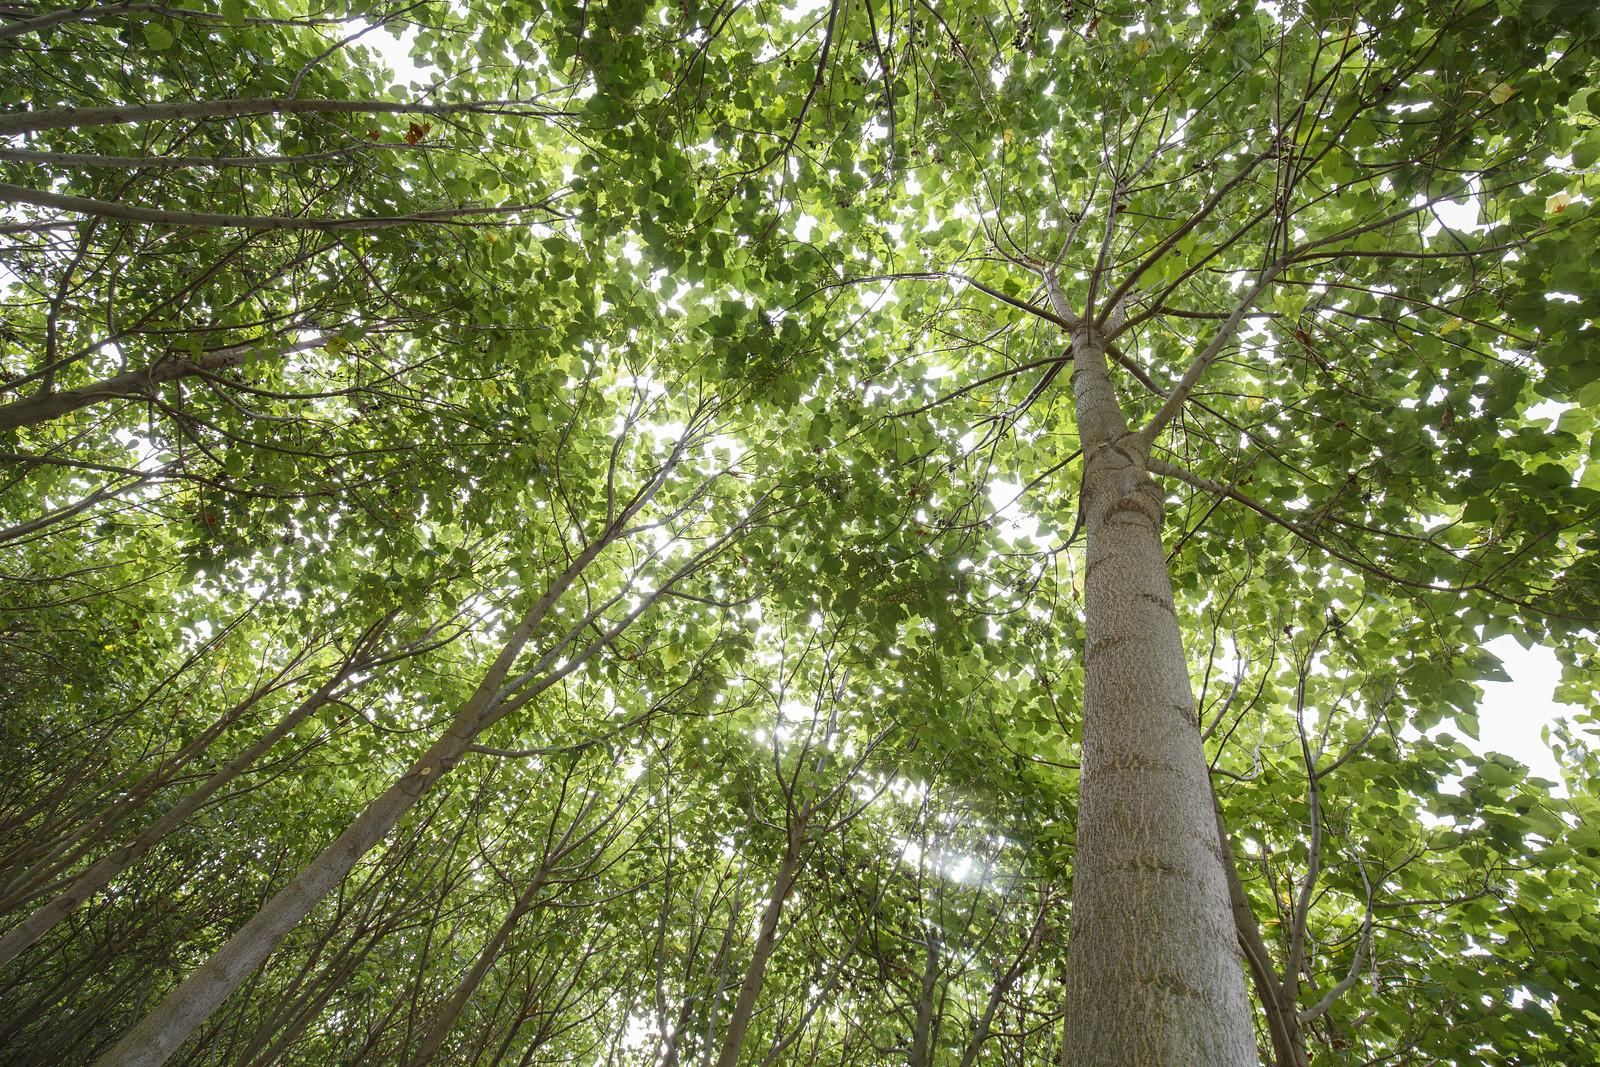 Felére csökkent az erdőben élő gerinces állatok populációja fél évszázad alatt